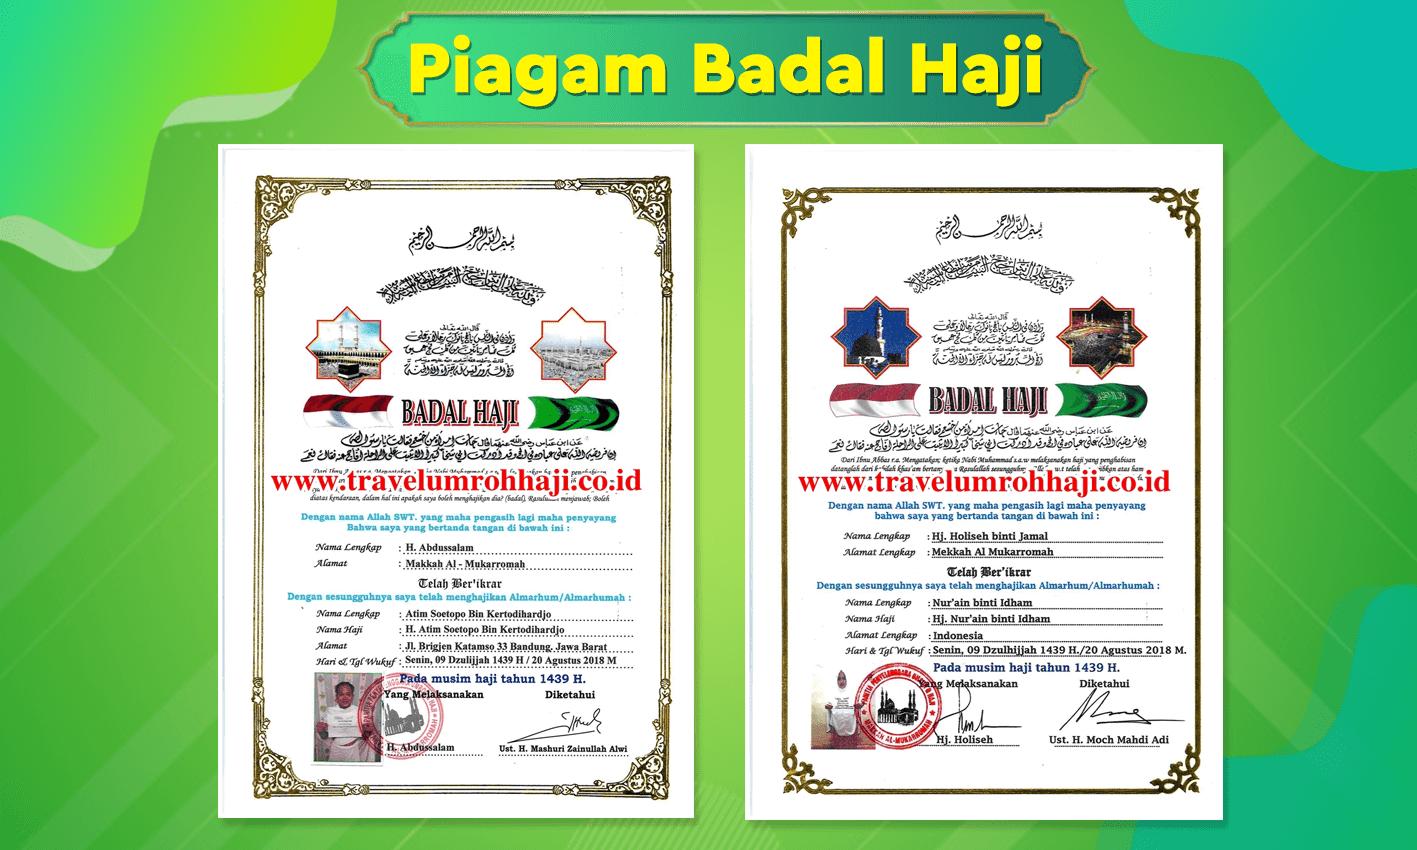 Sertifikat / Piagam Badal Haji